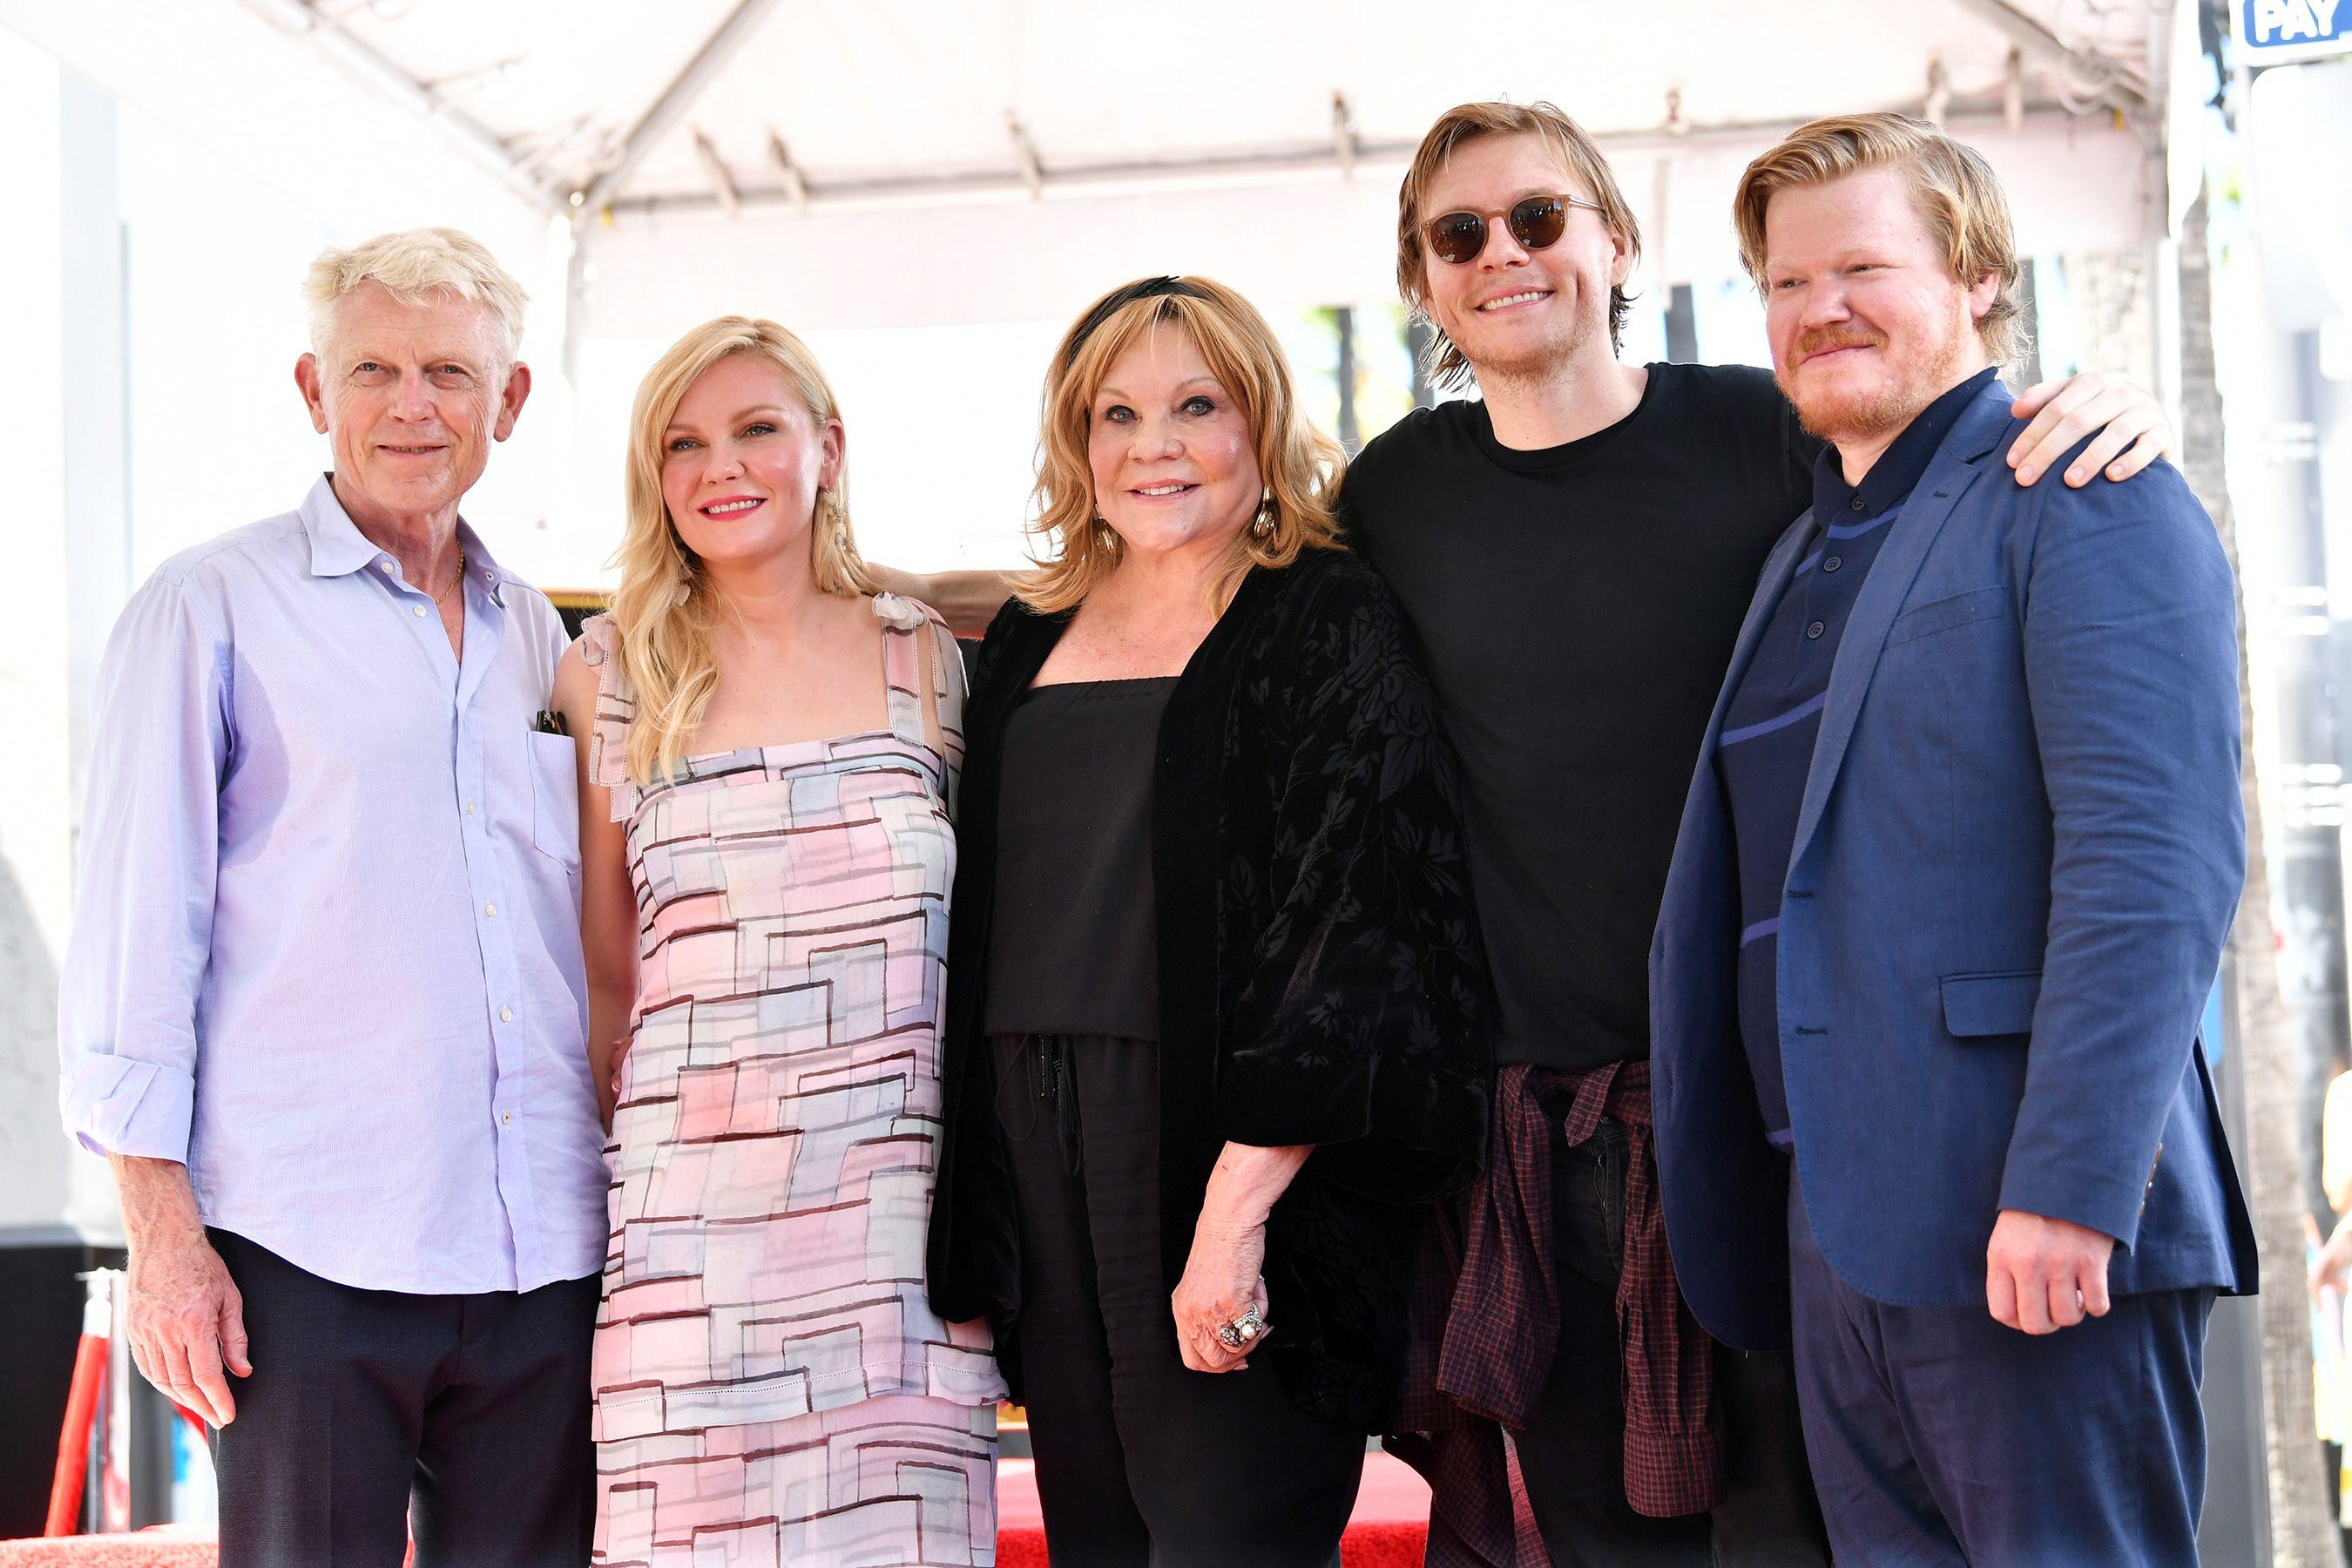 Ennis Big Debut Kirsten Dunst Brings 15 Month Old Son To Her Walk Of Fame Star Ceremony Walk Of Fame Celebrity Moms Hollywood Walk Of Fame